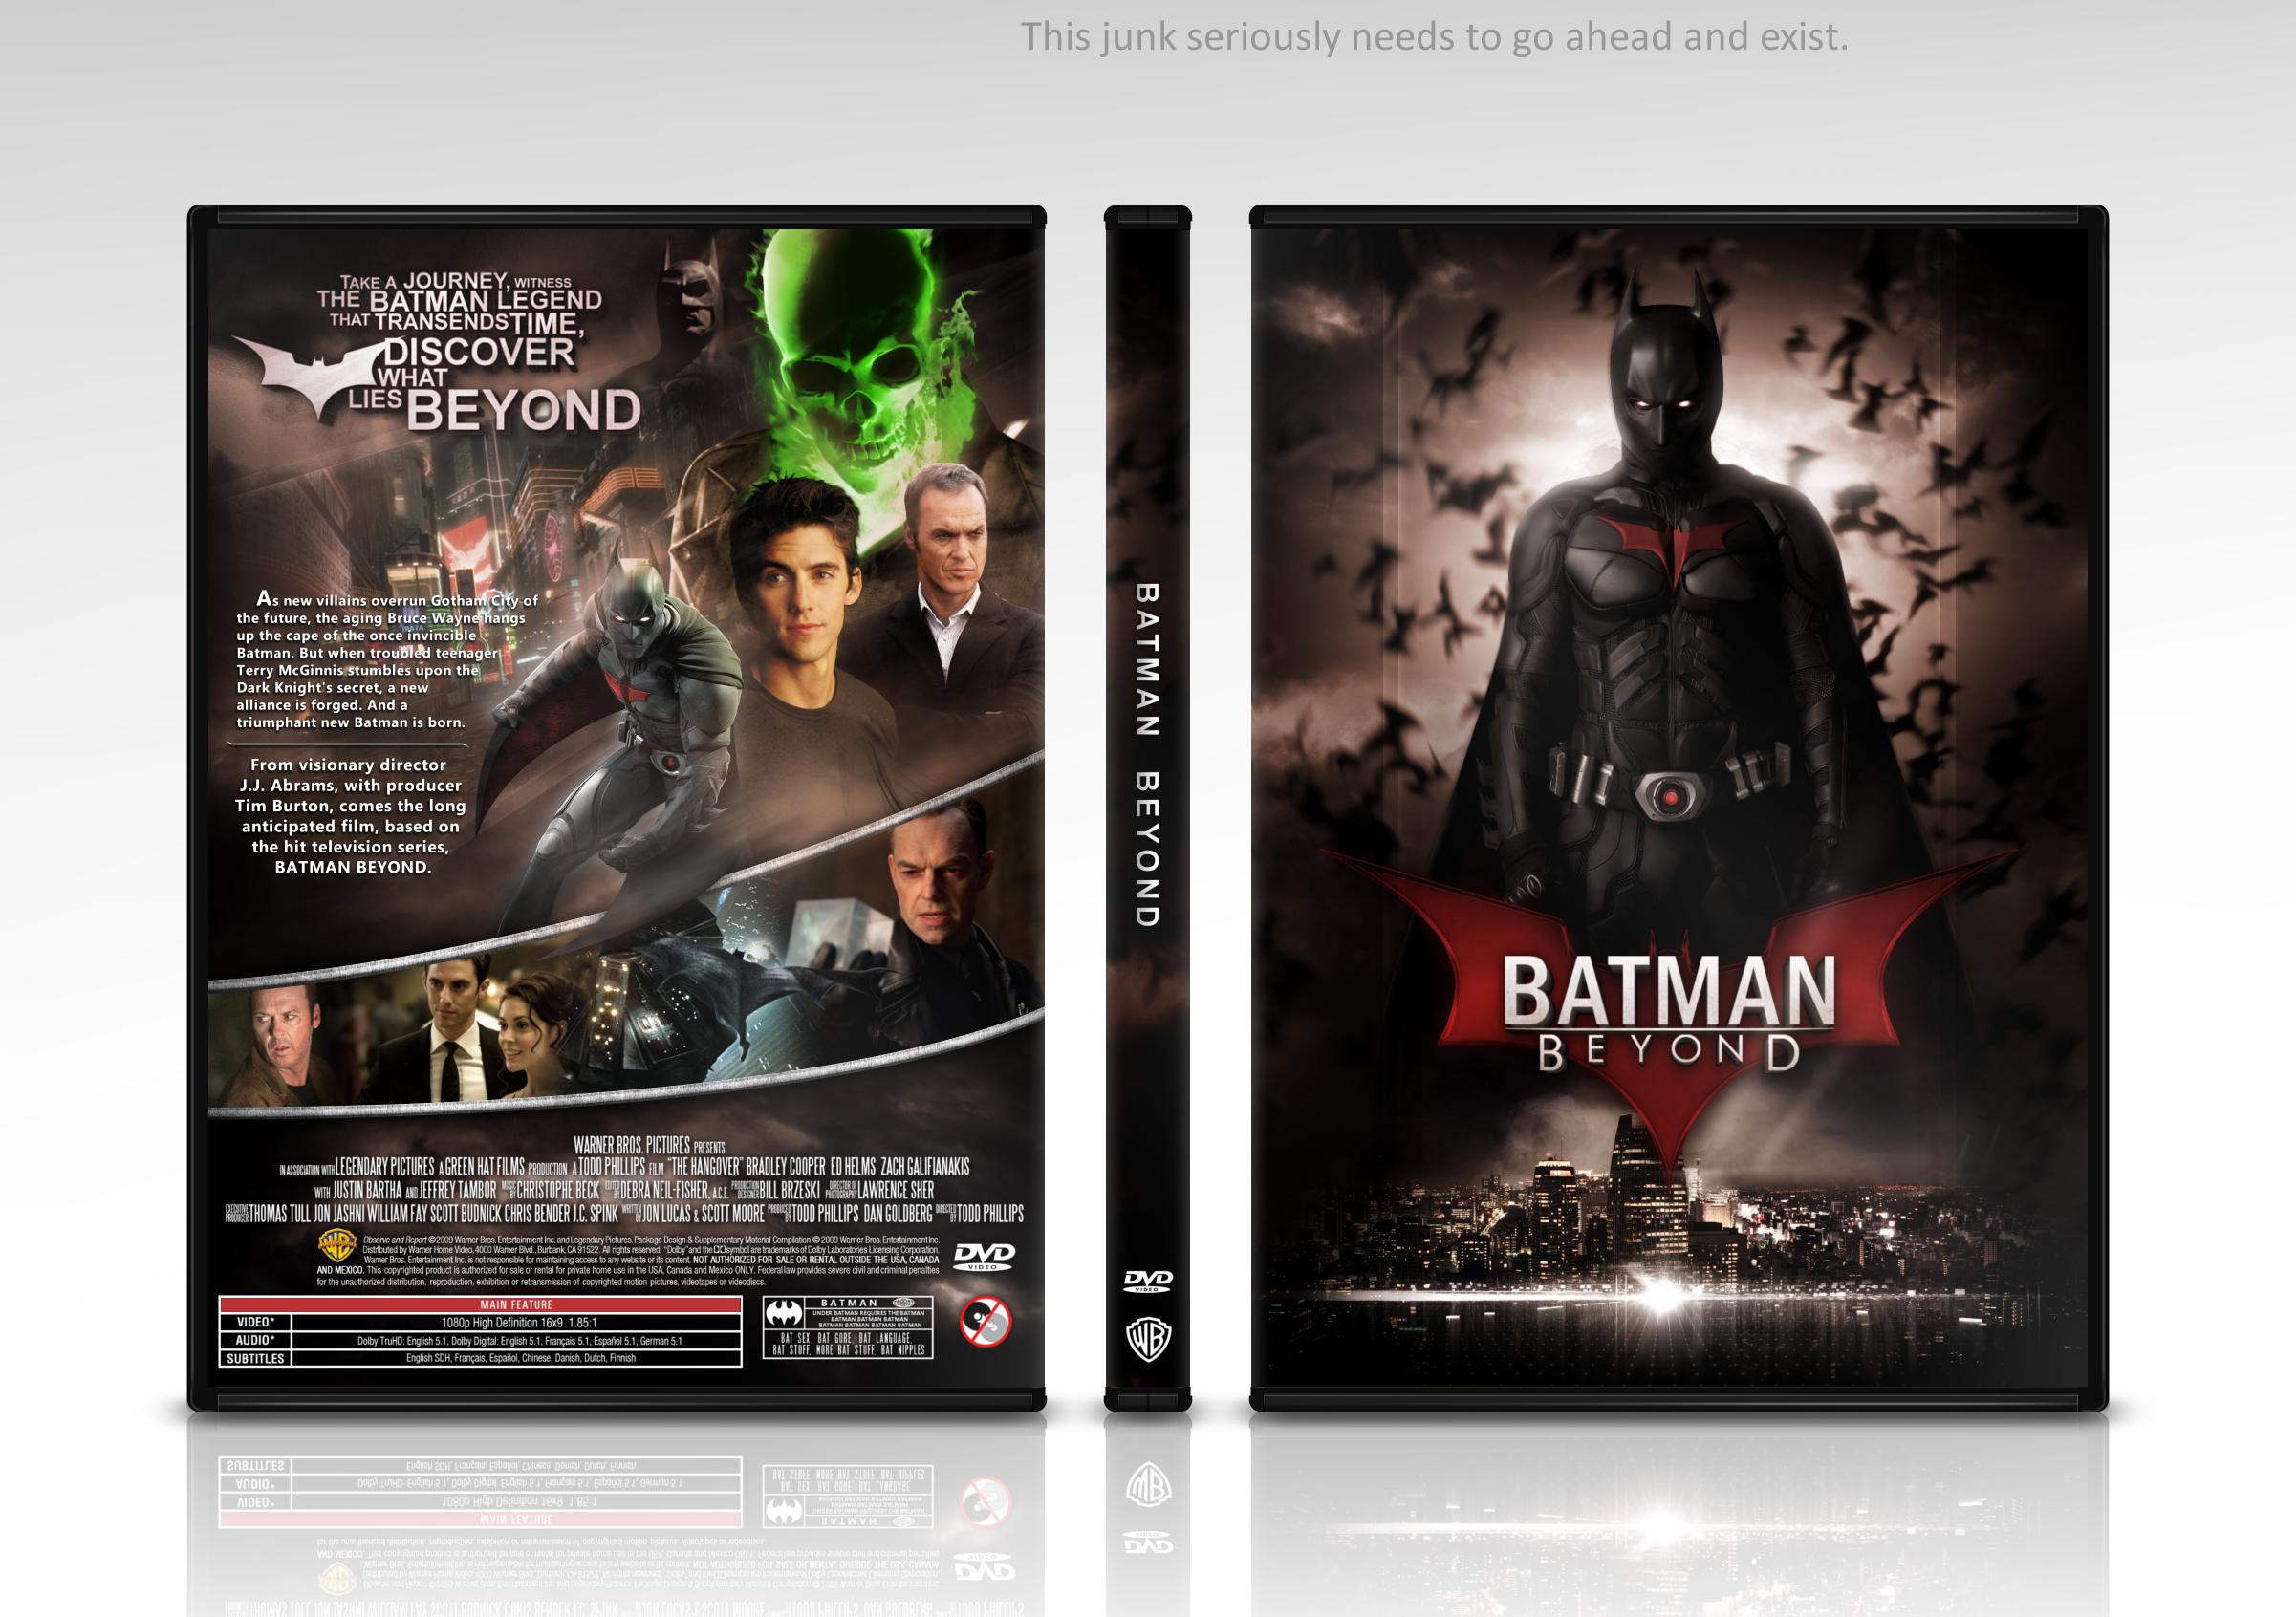 [QUADRINHOS] DC Comics (EUA) - O Cavaleiro das Trevas 3! - Página 37 46820-batman-beyond-full